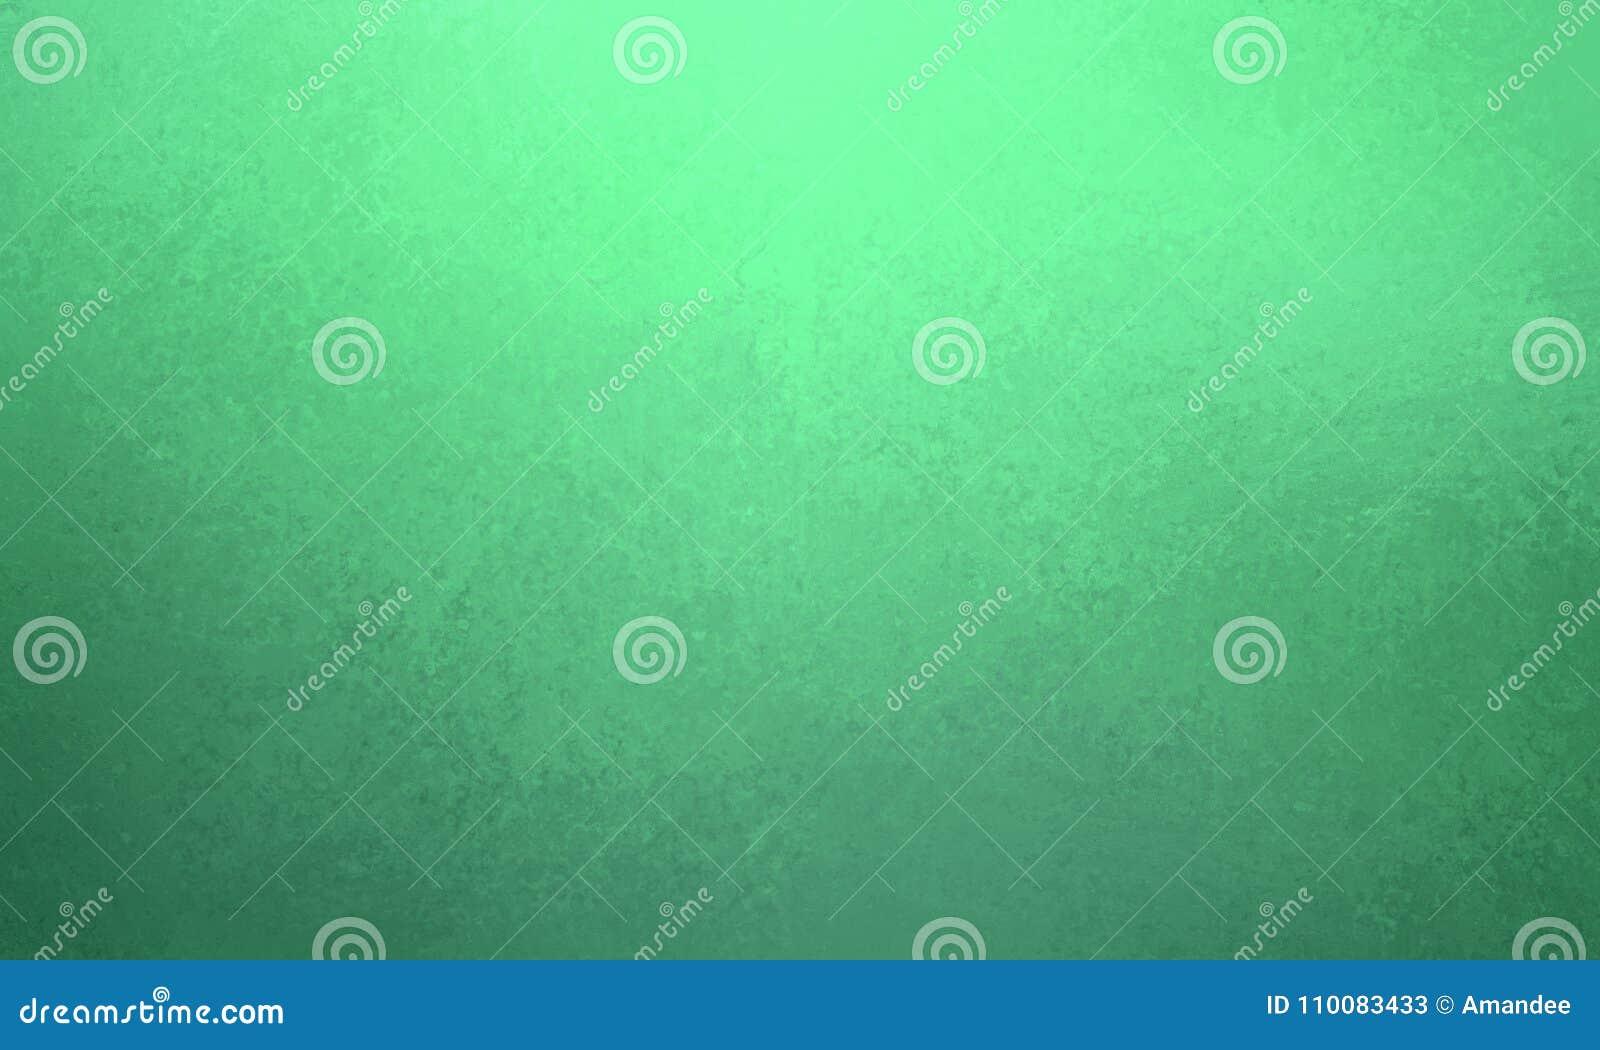 Zielony tło projekt z zmrokiem - błękitnych szarość granica i rocznik tekstura, gradientowy błękitny kolor